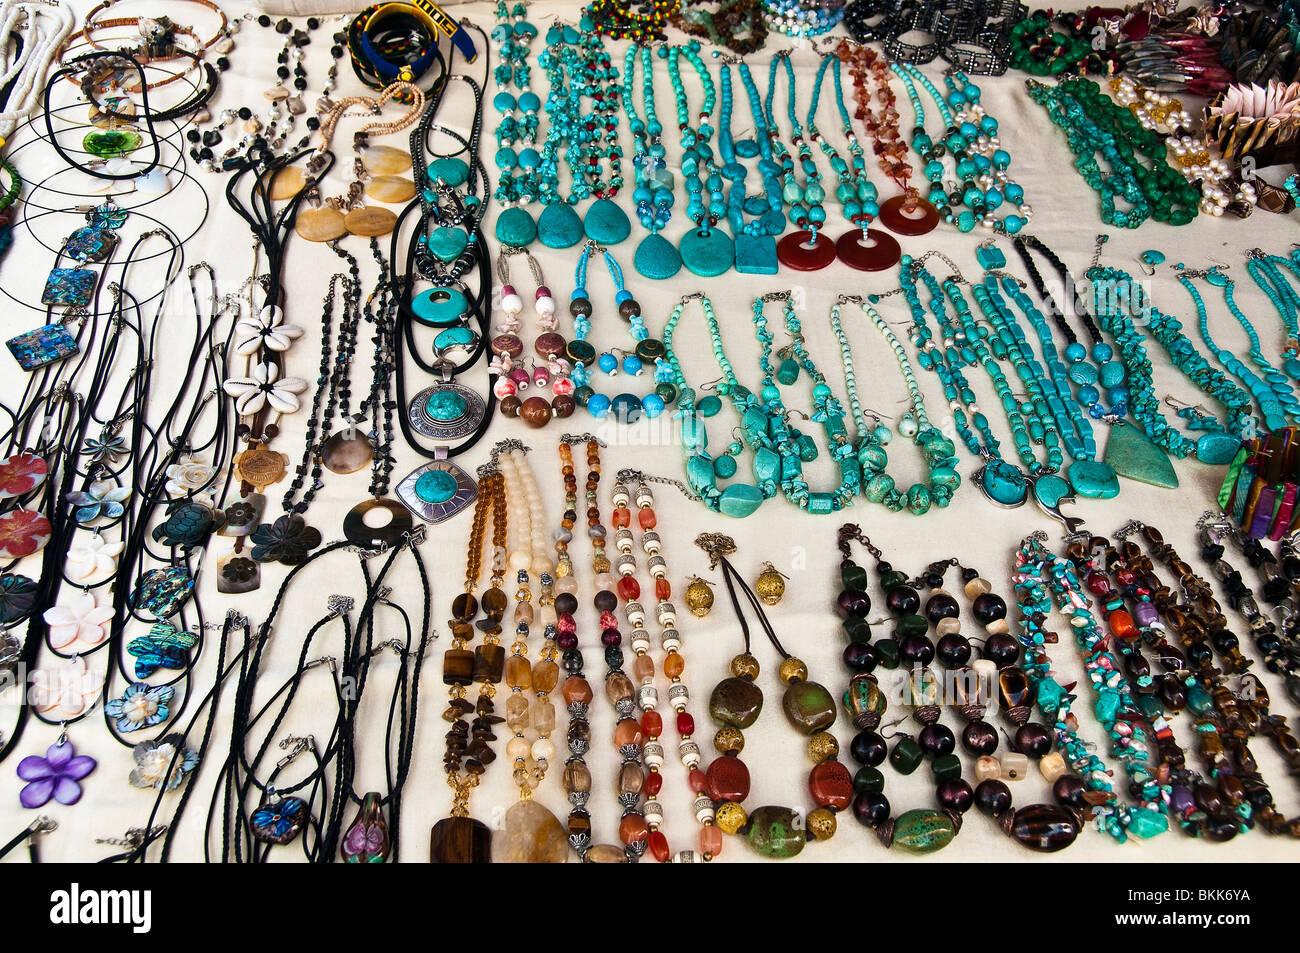 Bijoux de costume en vente par vendeur de rue dans la région de Bridgetown Barbade Antilles Caraïbes Photo Stock